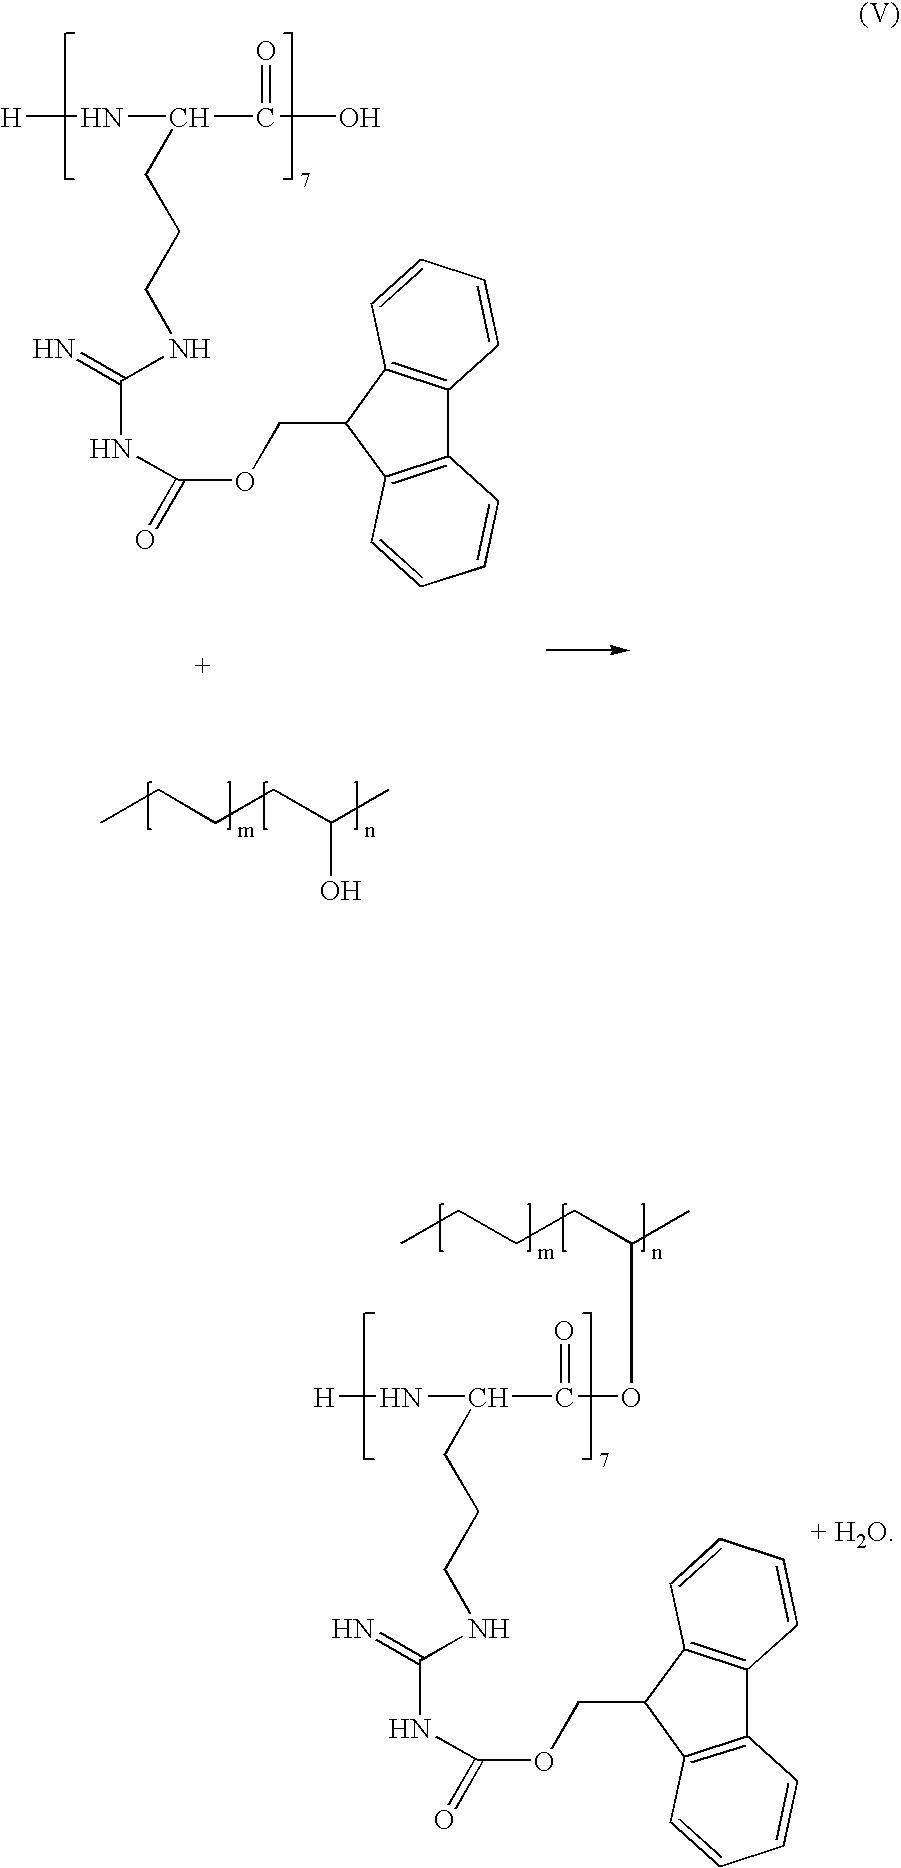 Figure US20060002974A1-20060105-C00004